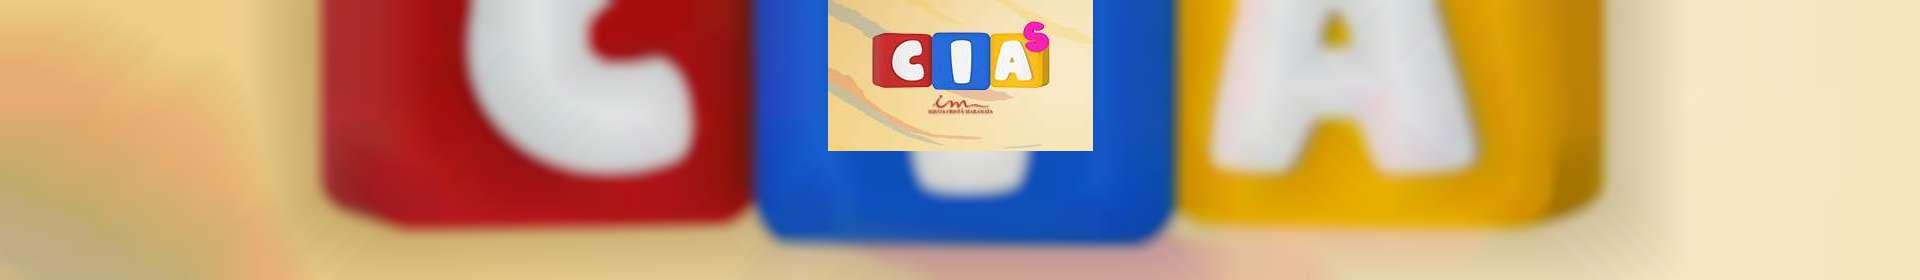 Aula de CIAS: classe de 0 a 3 anos e gestantes - 02 de abril de 2020